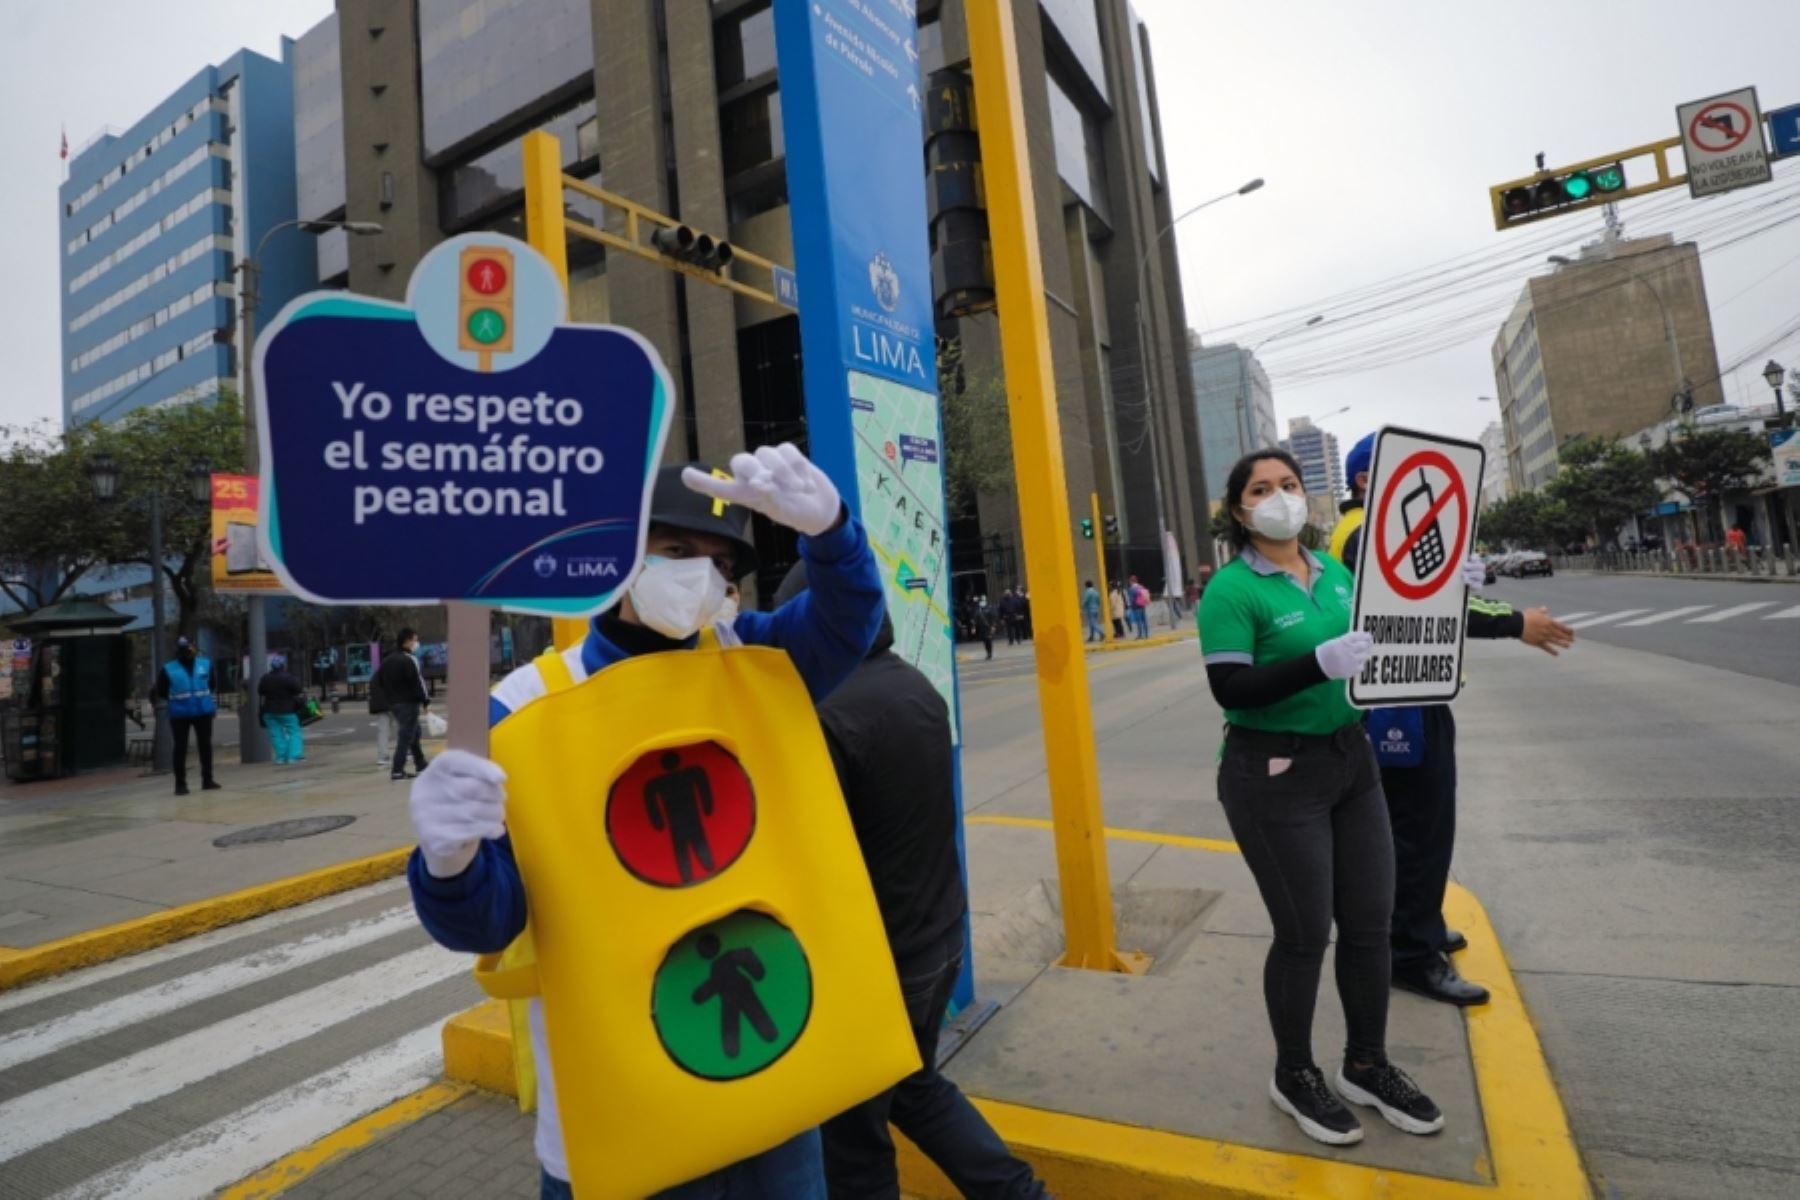 Día de la seguridad vial: ofrecen actividades educativas para la familia. Foto: ANDINA/Difusión.